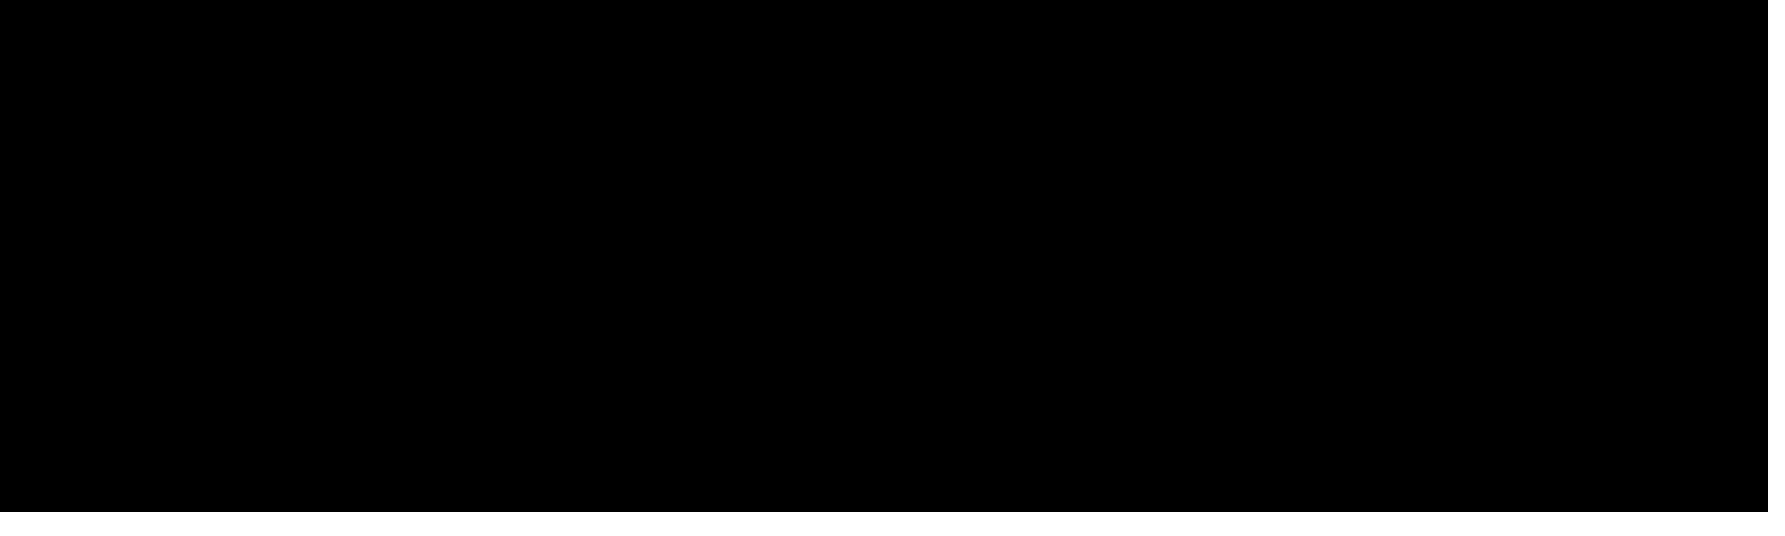 voacc-logo-black